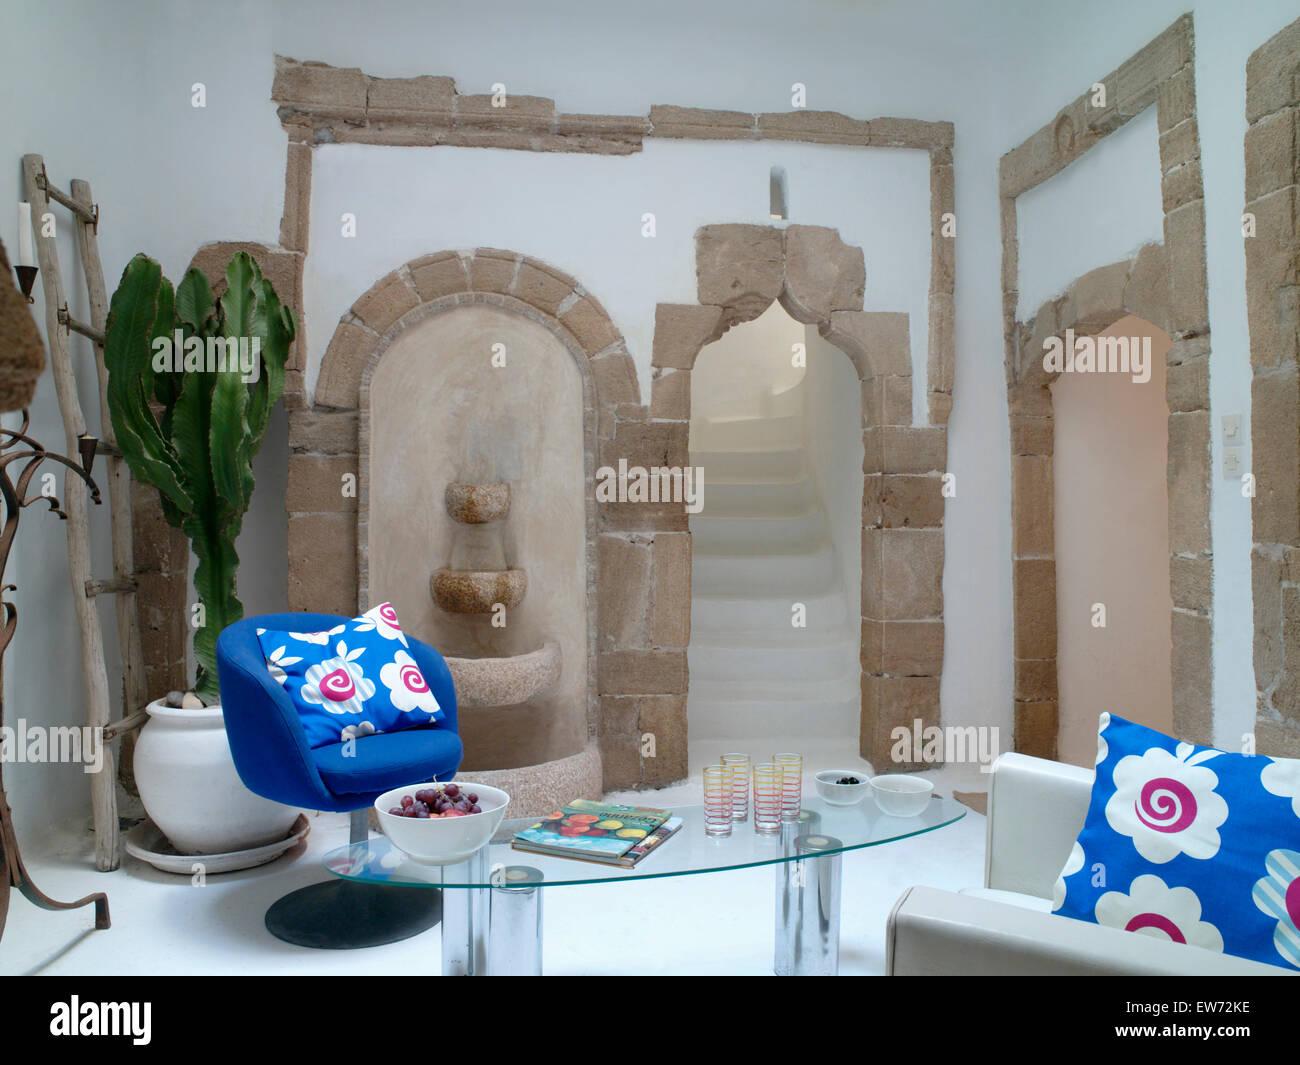 Bunten Blauen Kissen Auf Blauen Und Weißen Stühlen In Moderne Marokkanische  Wohnzimmer Mit Couchtisch Stockbild